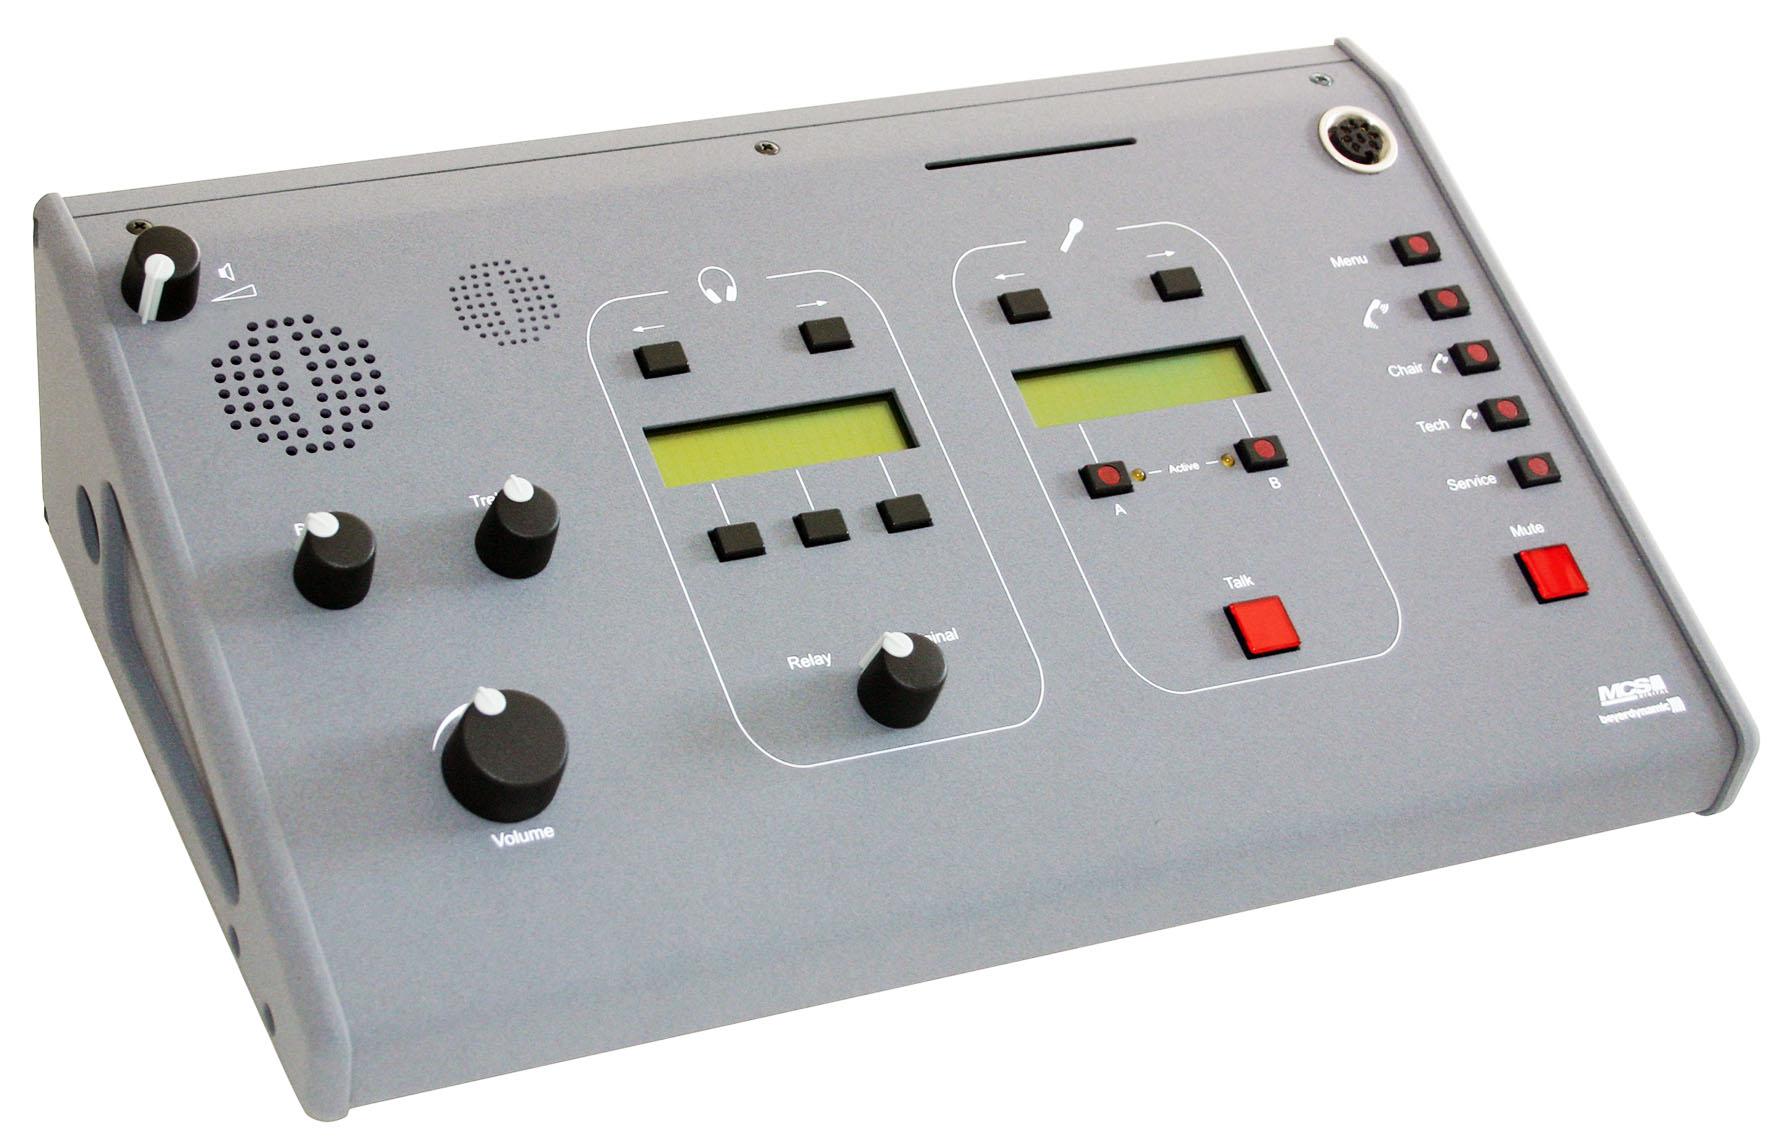 یونیت مترجم کنفرانس دیجیتال محصول کمپانی Beyerdynamic ( بیرداینامیک ) مدل MCS-D 200